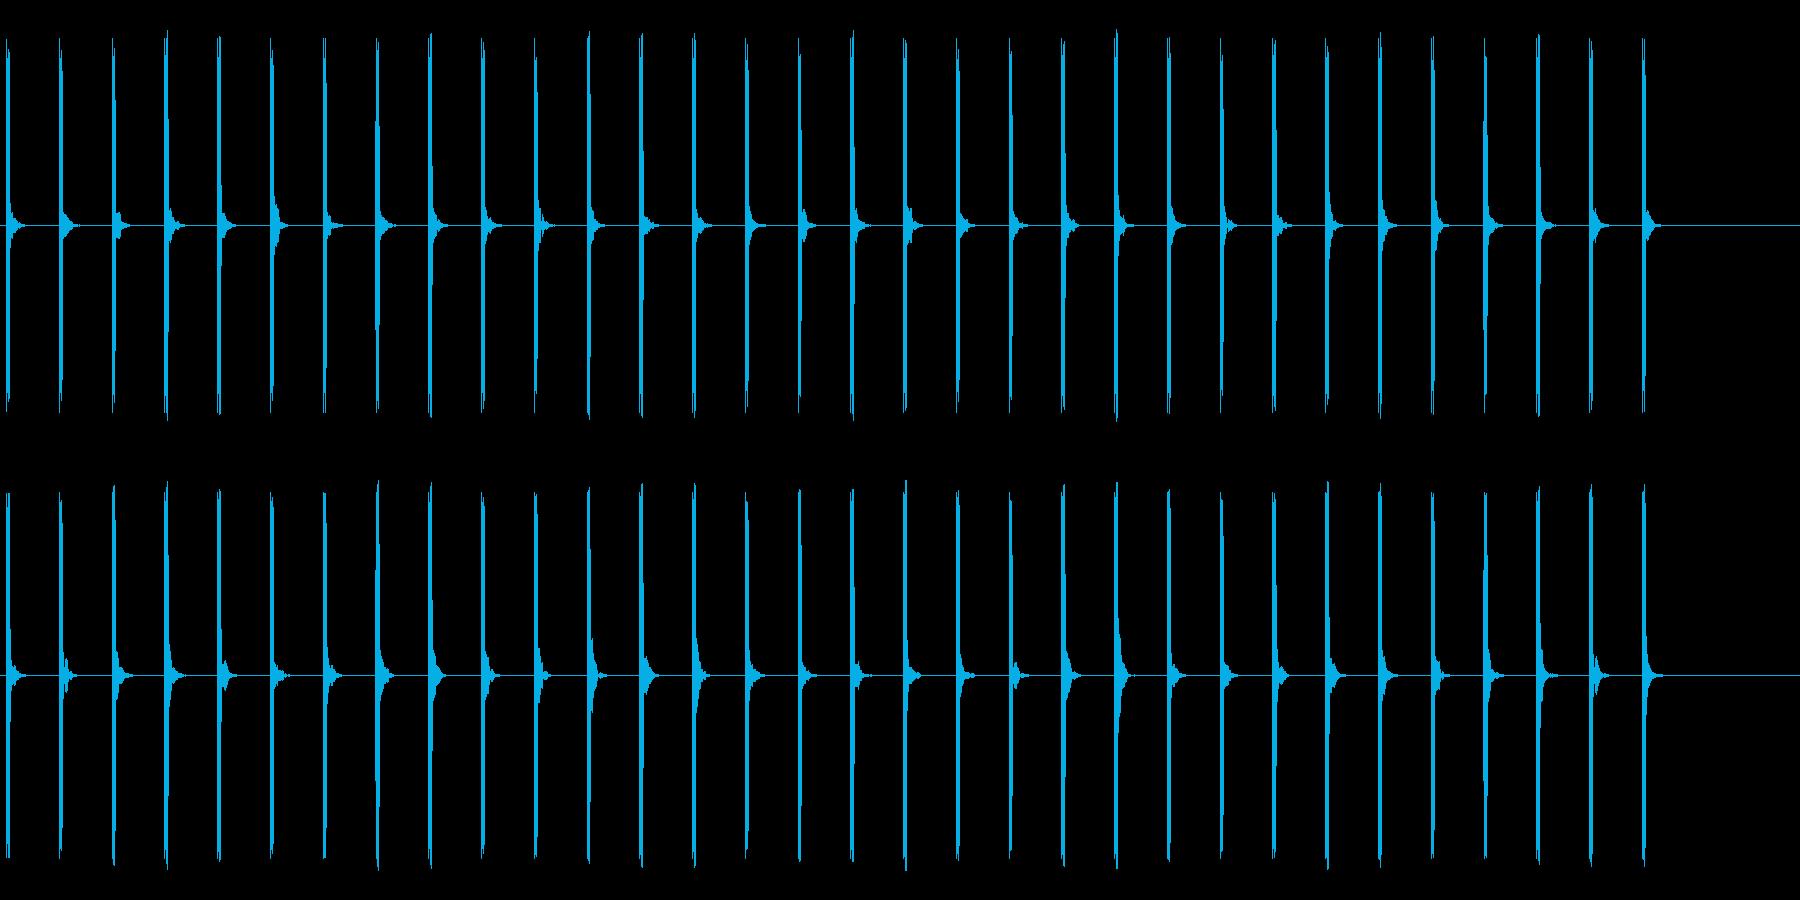 心電図の音-5-2(BPM50)の再生済みの波形